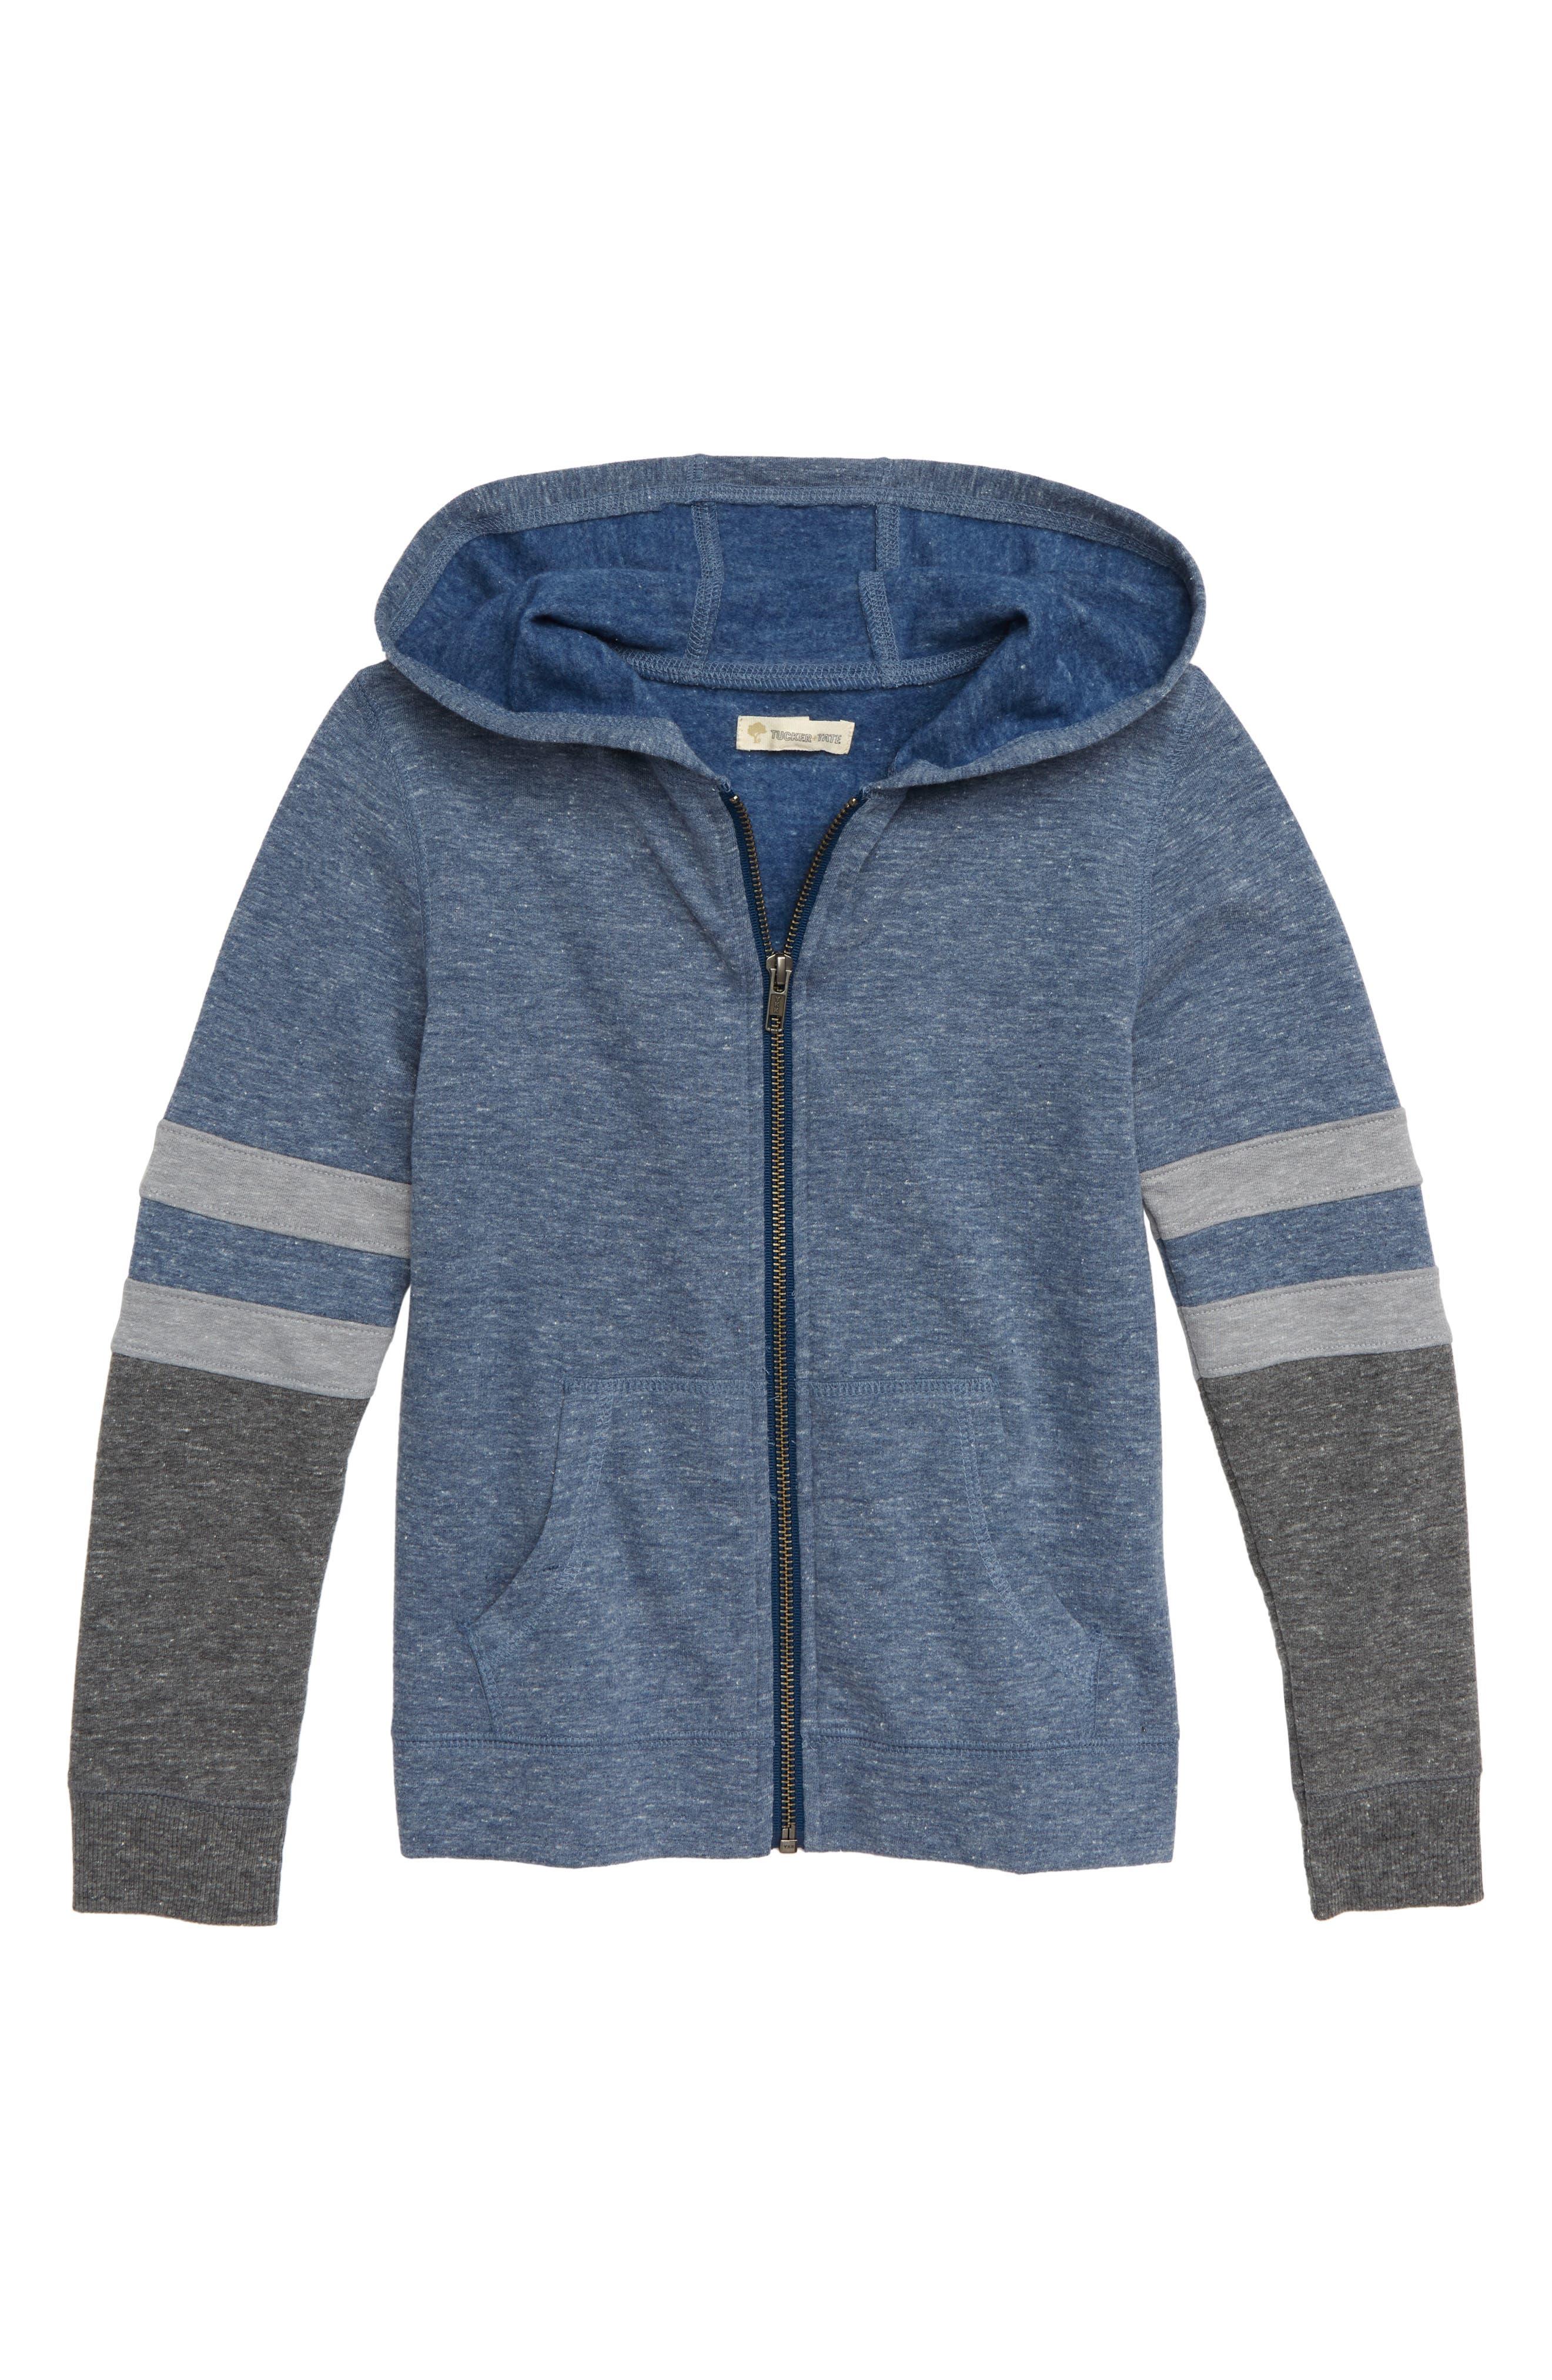 Colorblock Zip Crew Sweatshirt,                         Main,                         color, 401